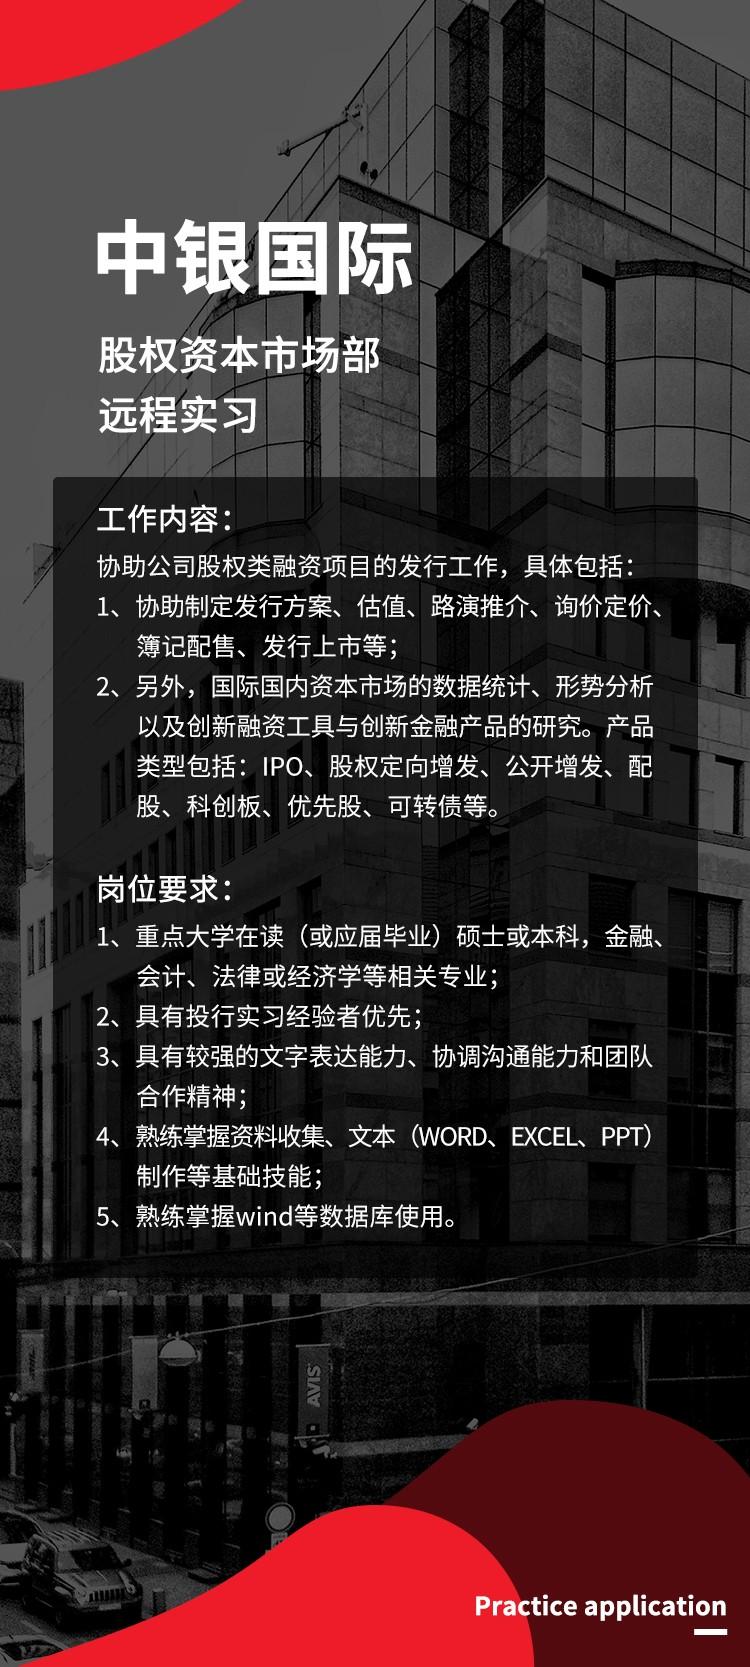 中银国际股权投资远程